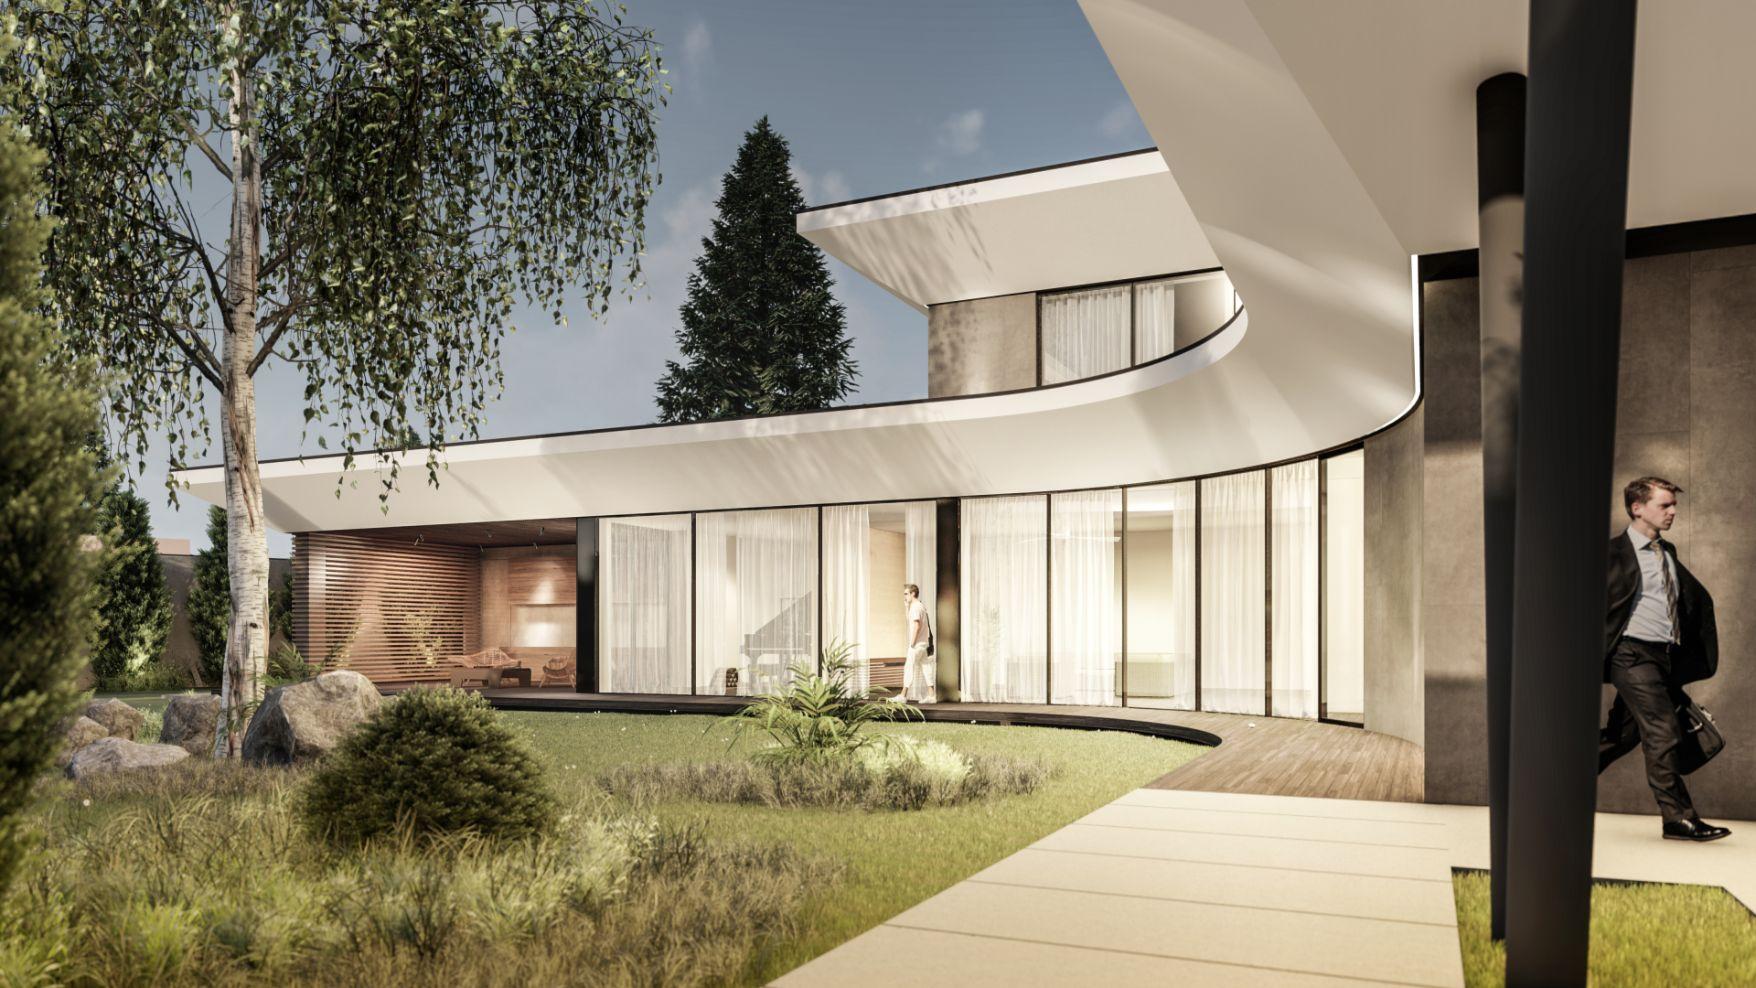 Proiect arhitectural a locuinței de casă premium cu propria gradină